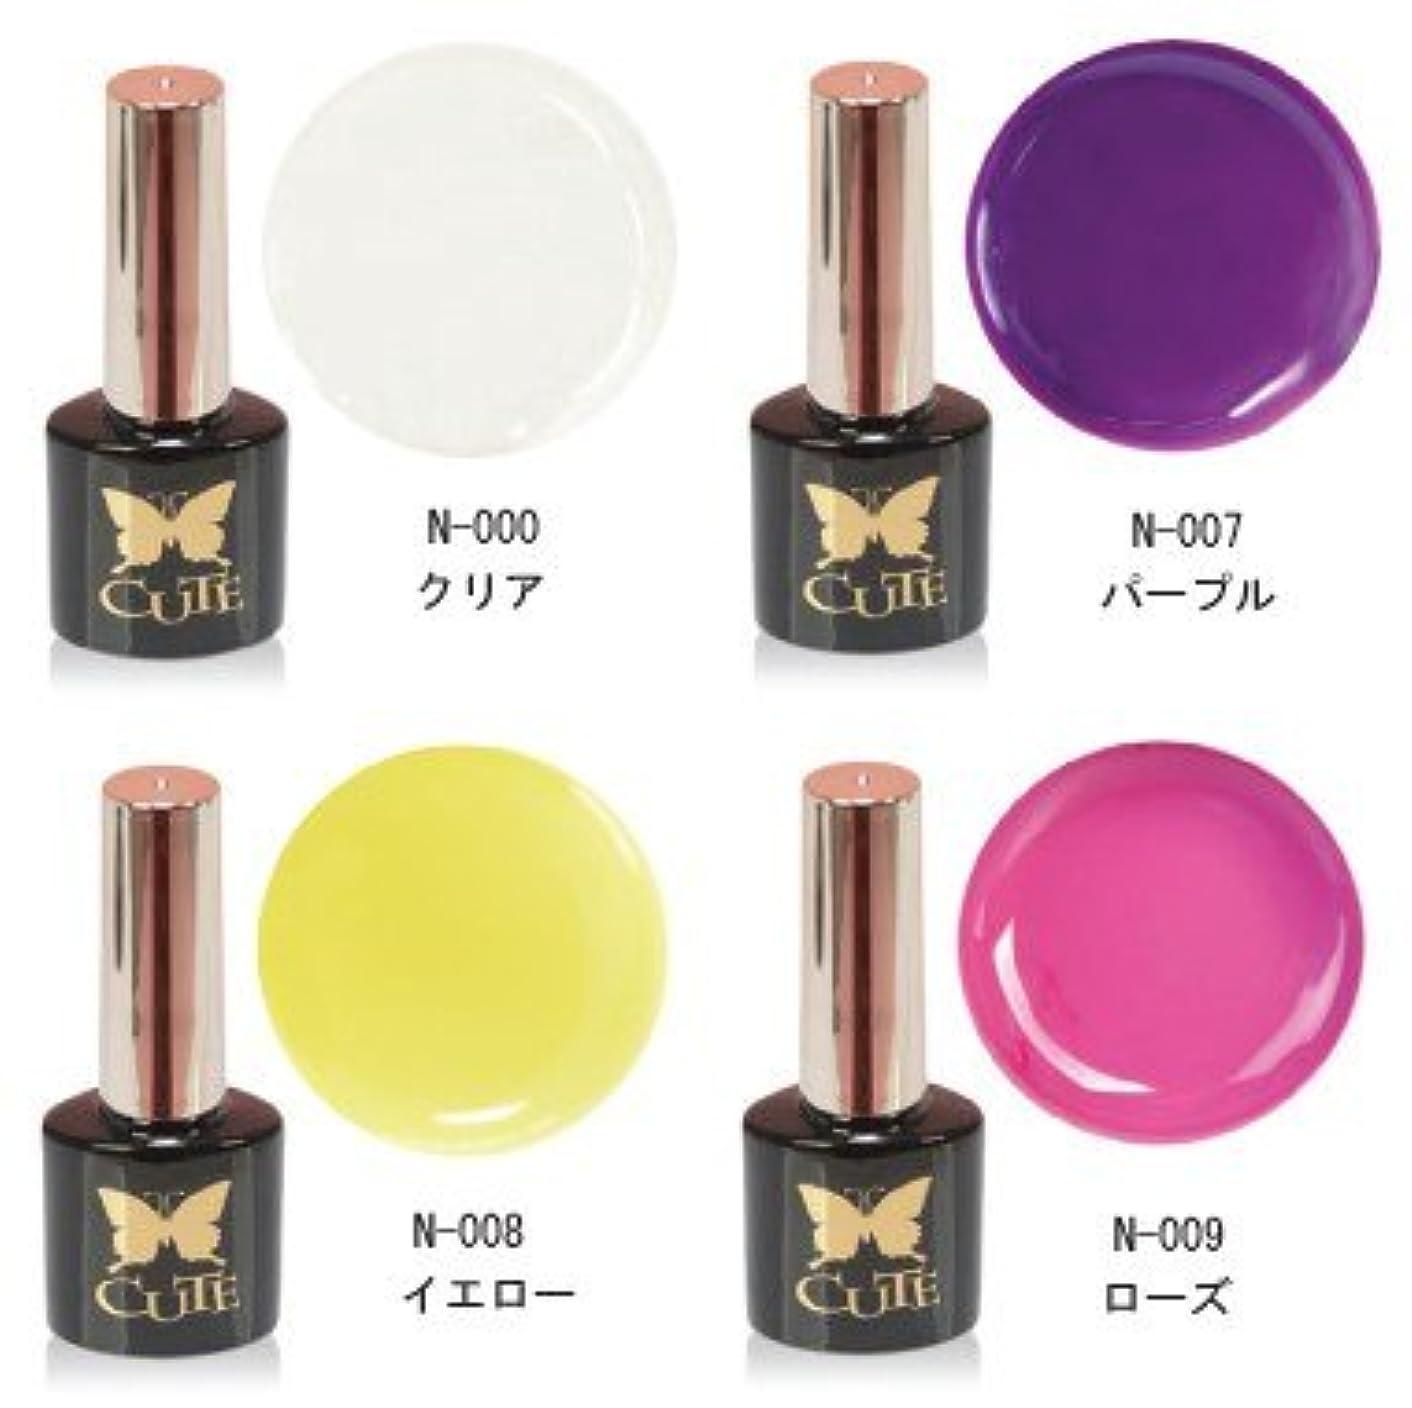 好みねじれバレルキュートラクジェル4色セットC  鮮やかなパープル、イエロー、ローズの3色とクリアがセットに カラーを混ぜれば中間色も実現 1本ずつ購入するよりもお得にゲット